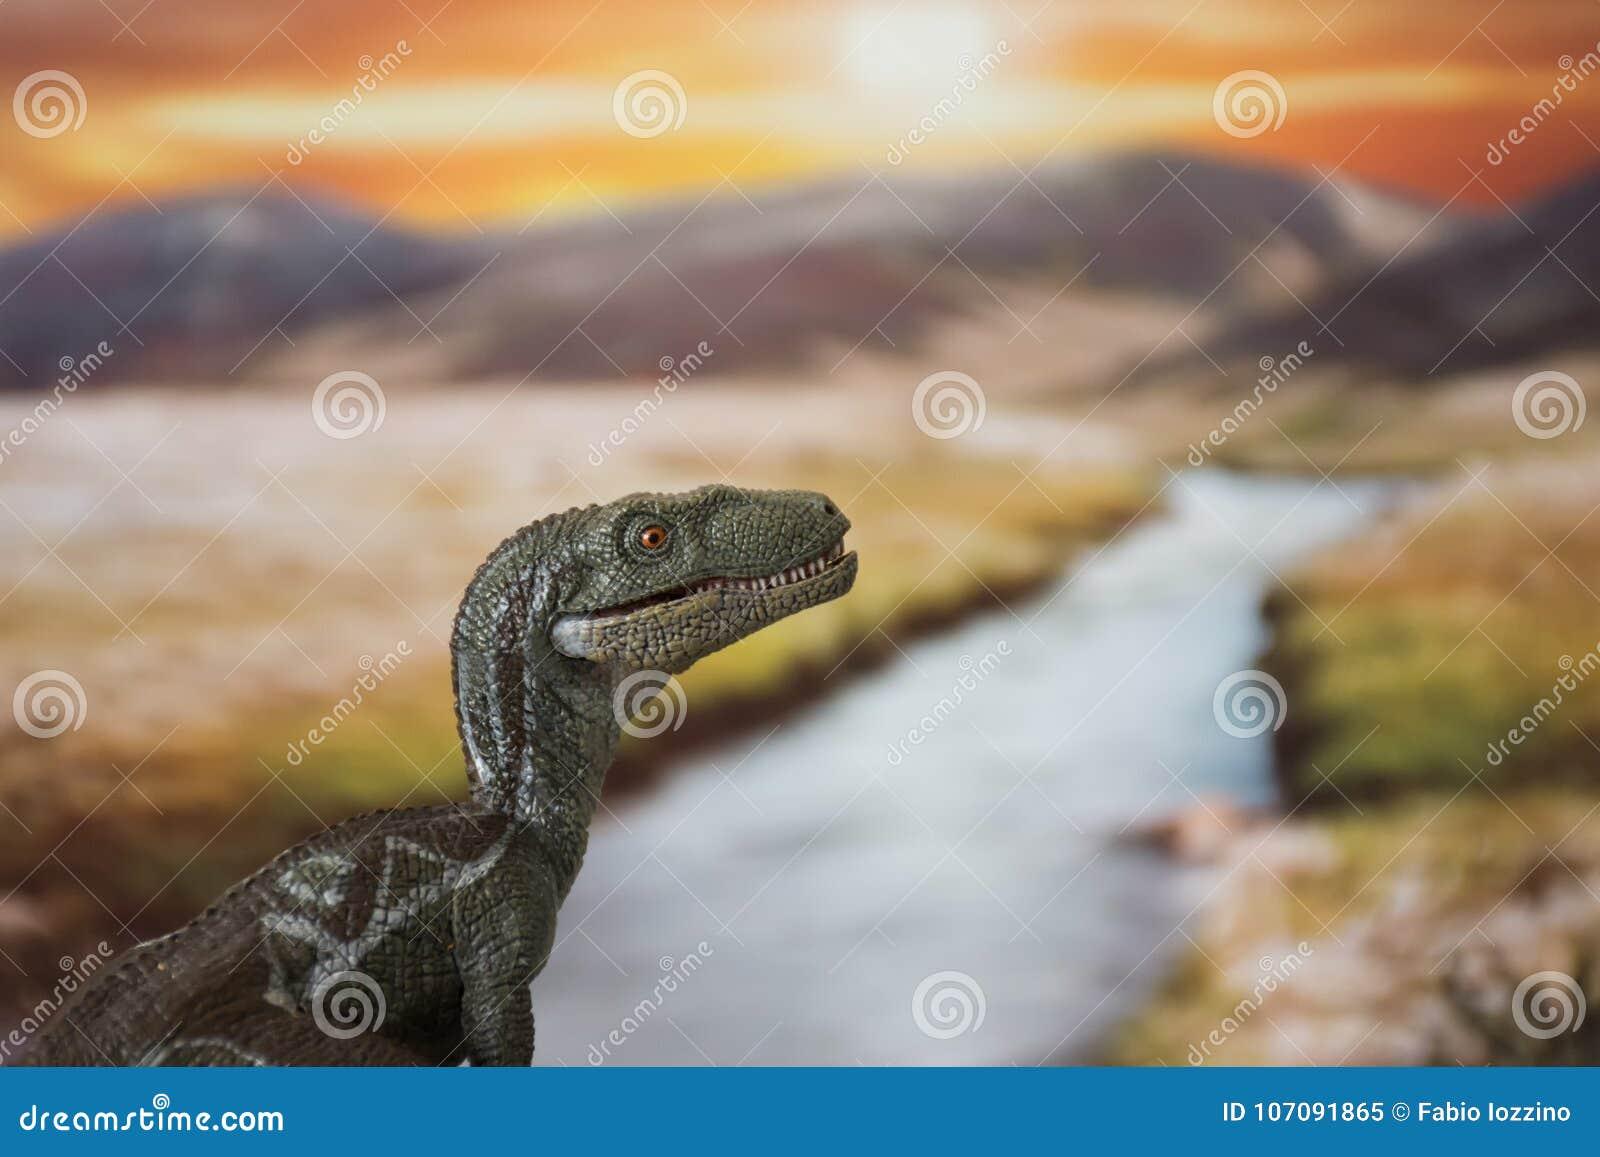 Retrato de un velociraptor en un mundo jurásico en la puesta del sol